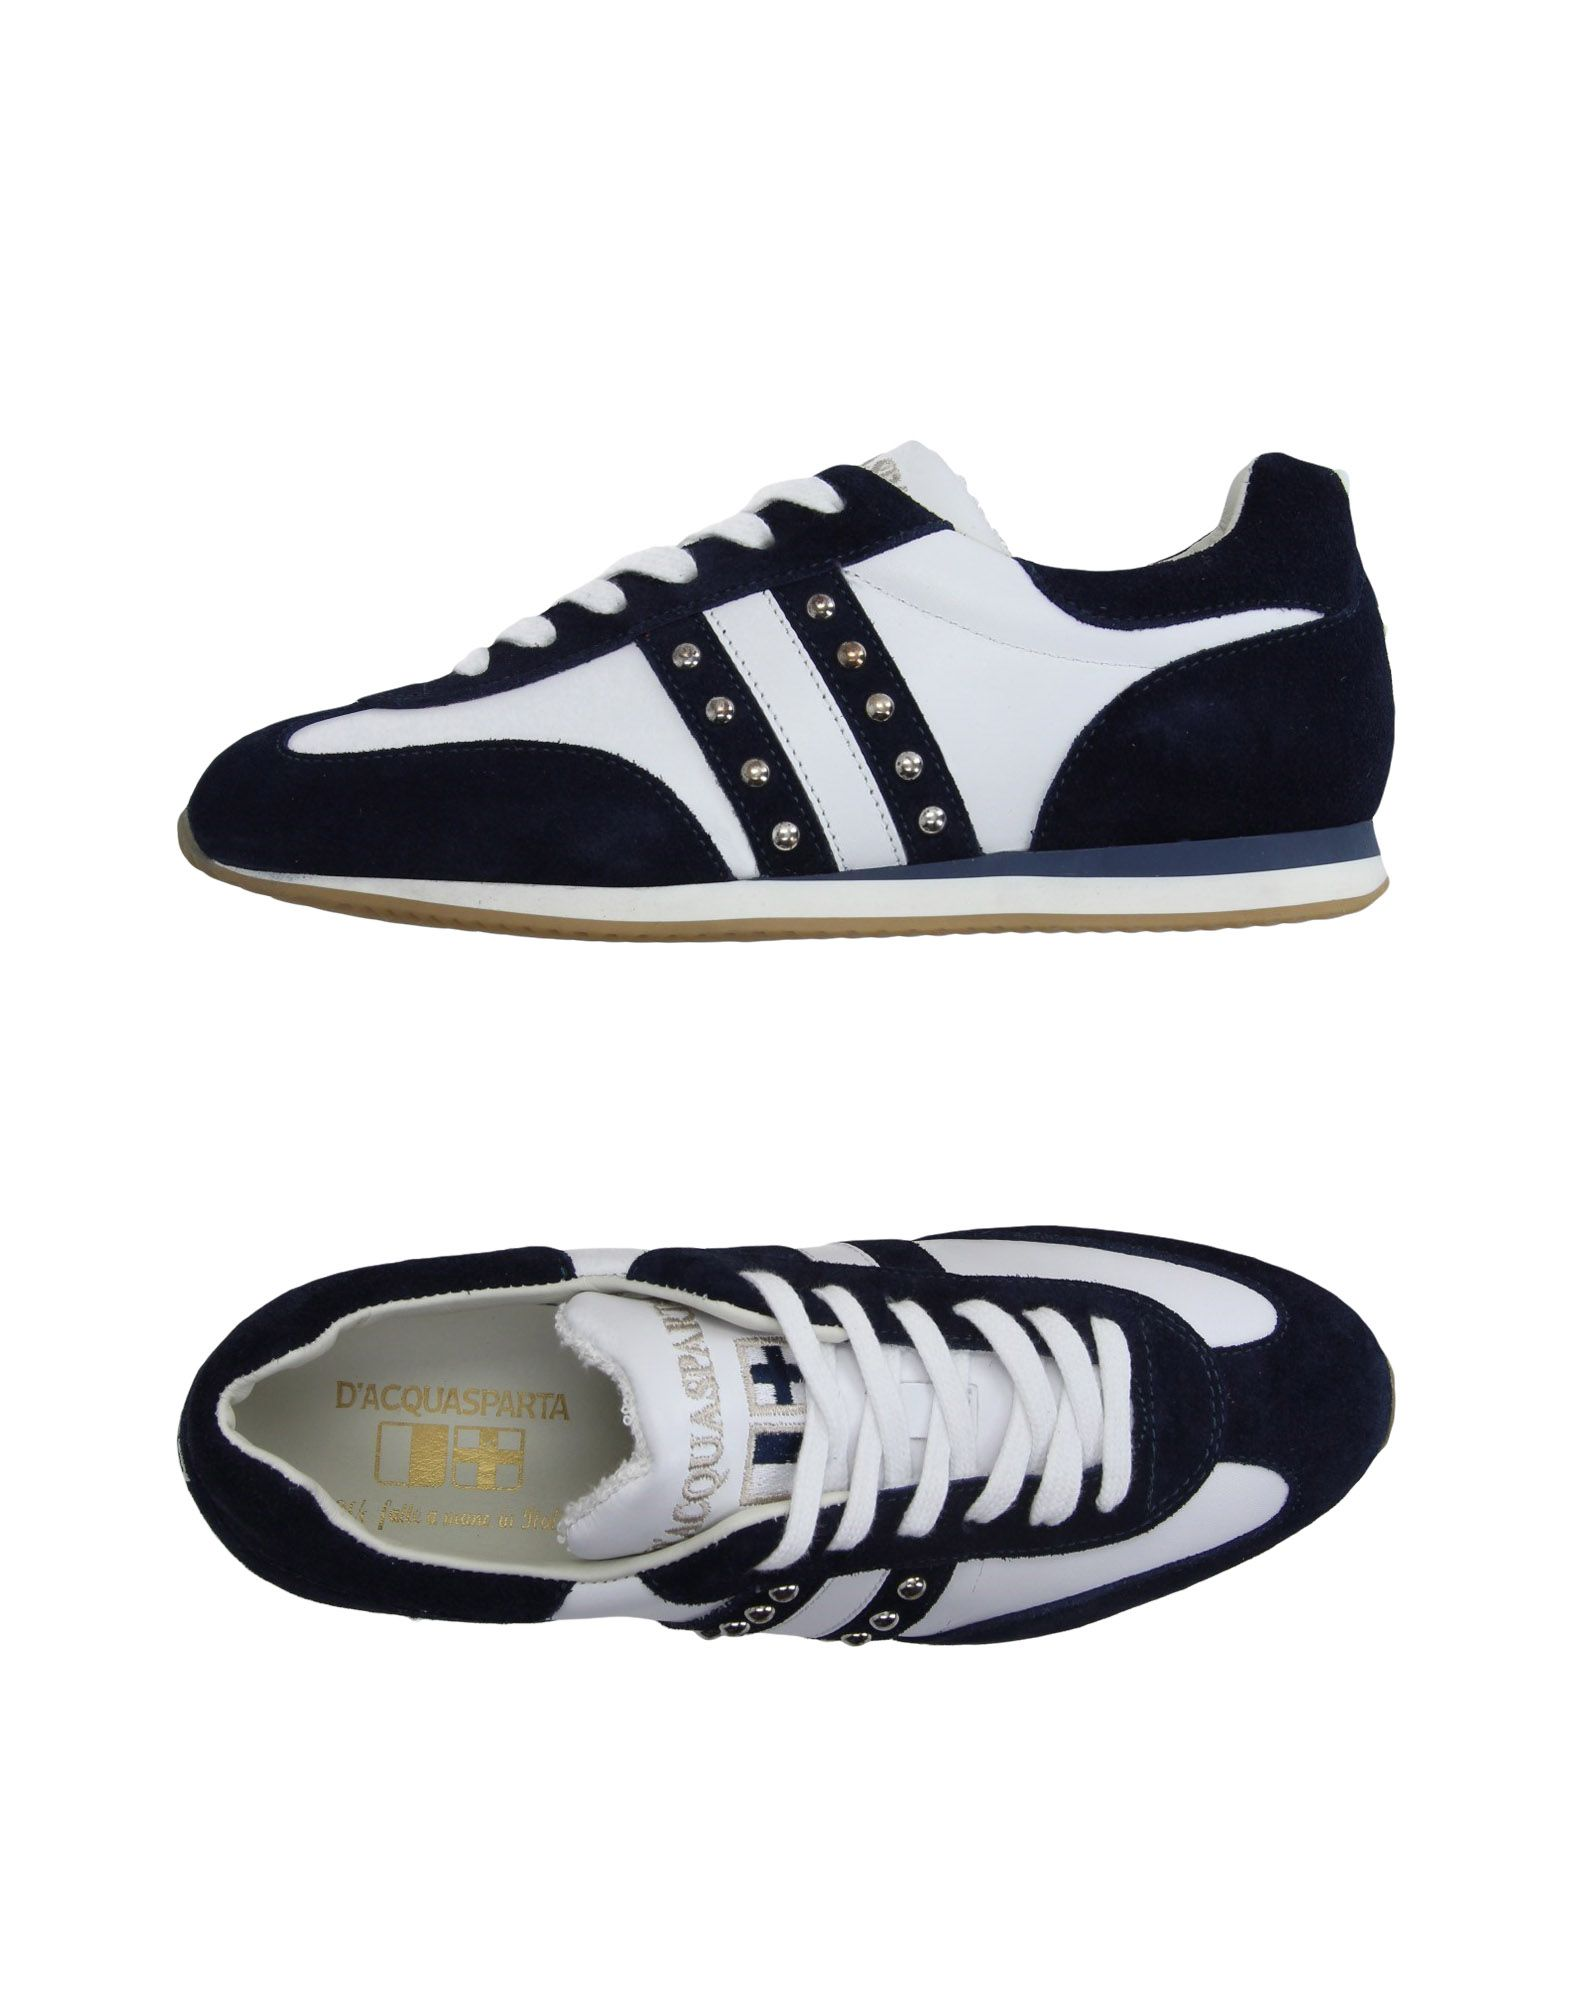 Günstige und modische Schuhe D'Acquasparta Sneakers Damen  44976543GC